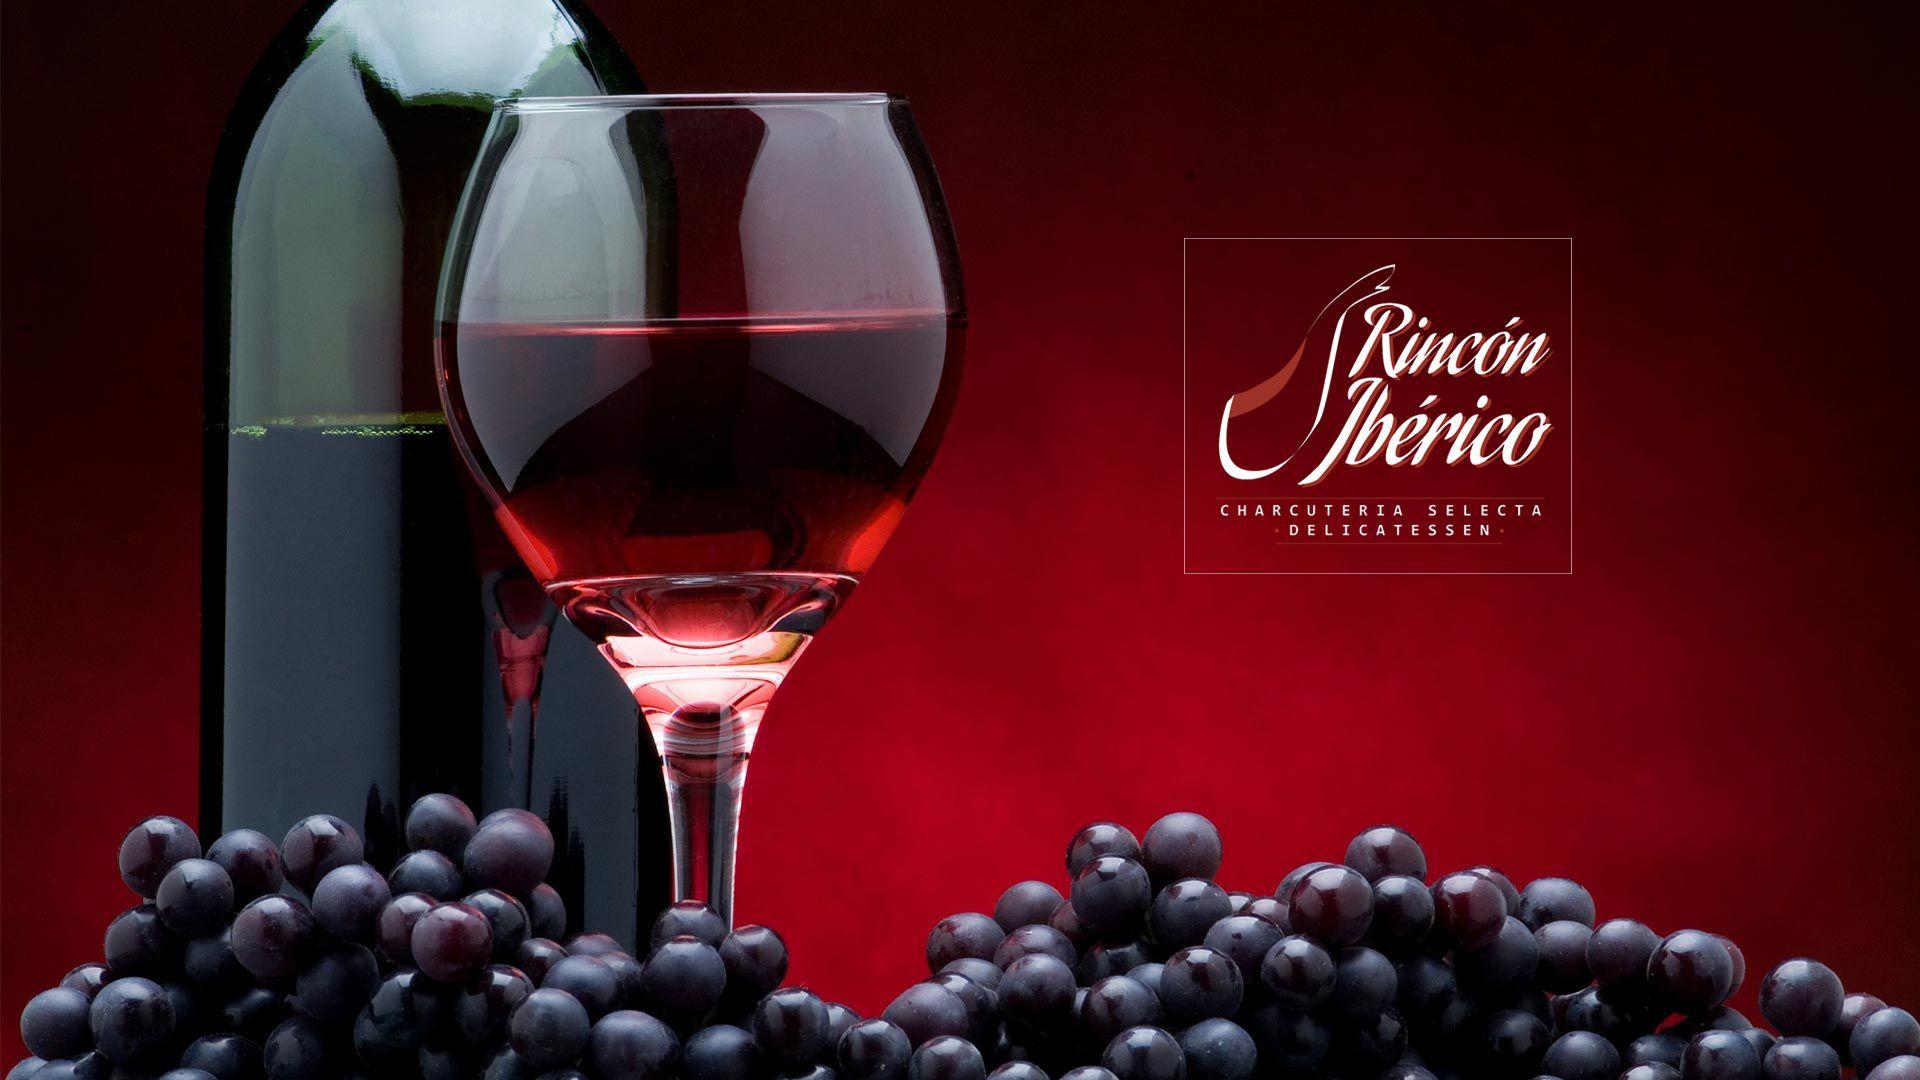 Rincon Iberico De Marbella Charcuteria Selecta Delicatessen Red Wine Benefits Red Wine Wine Wallpaper